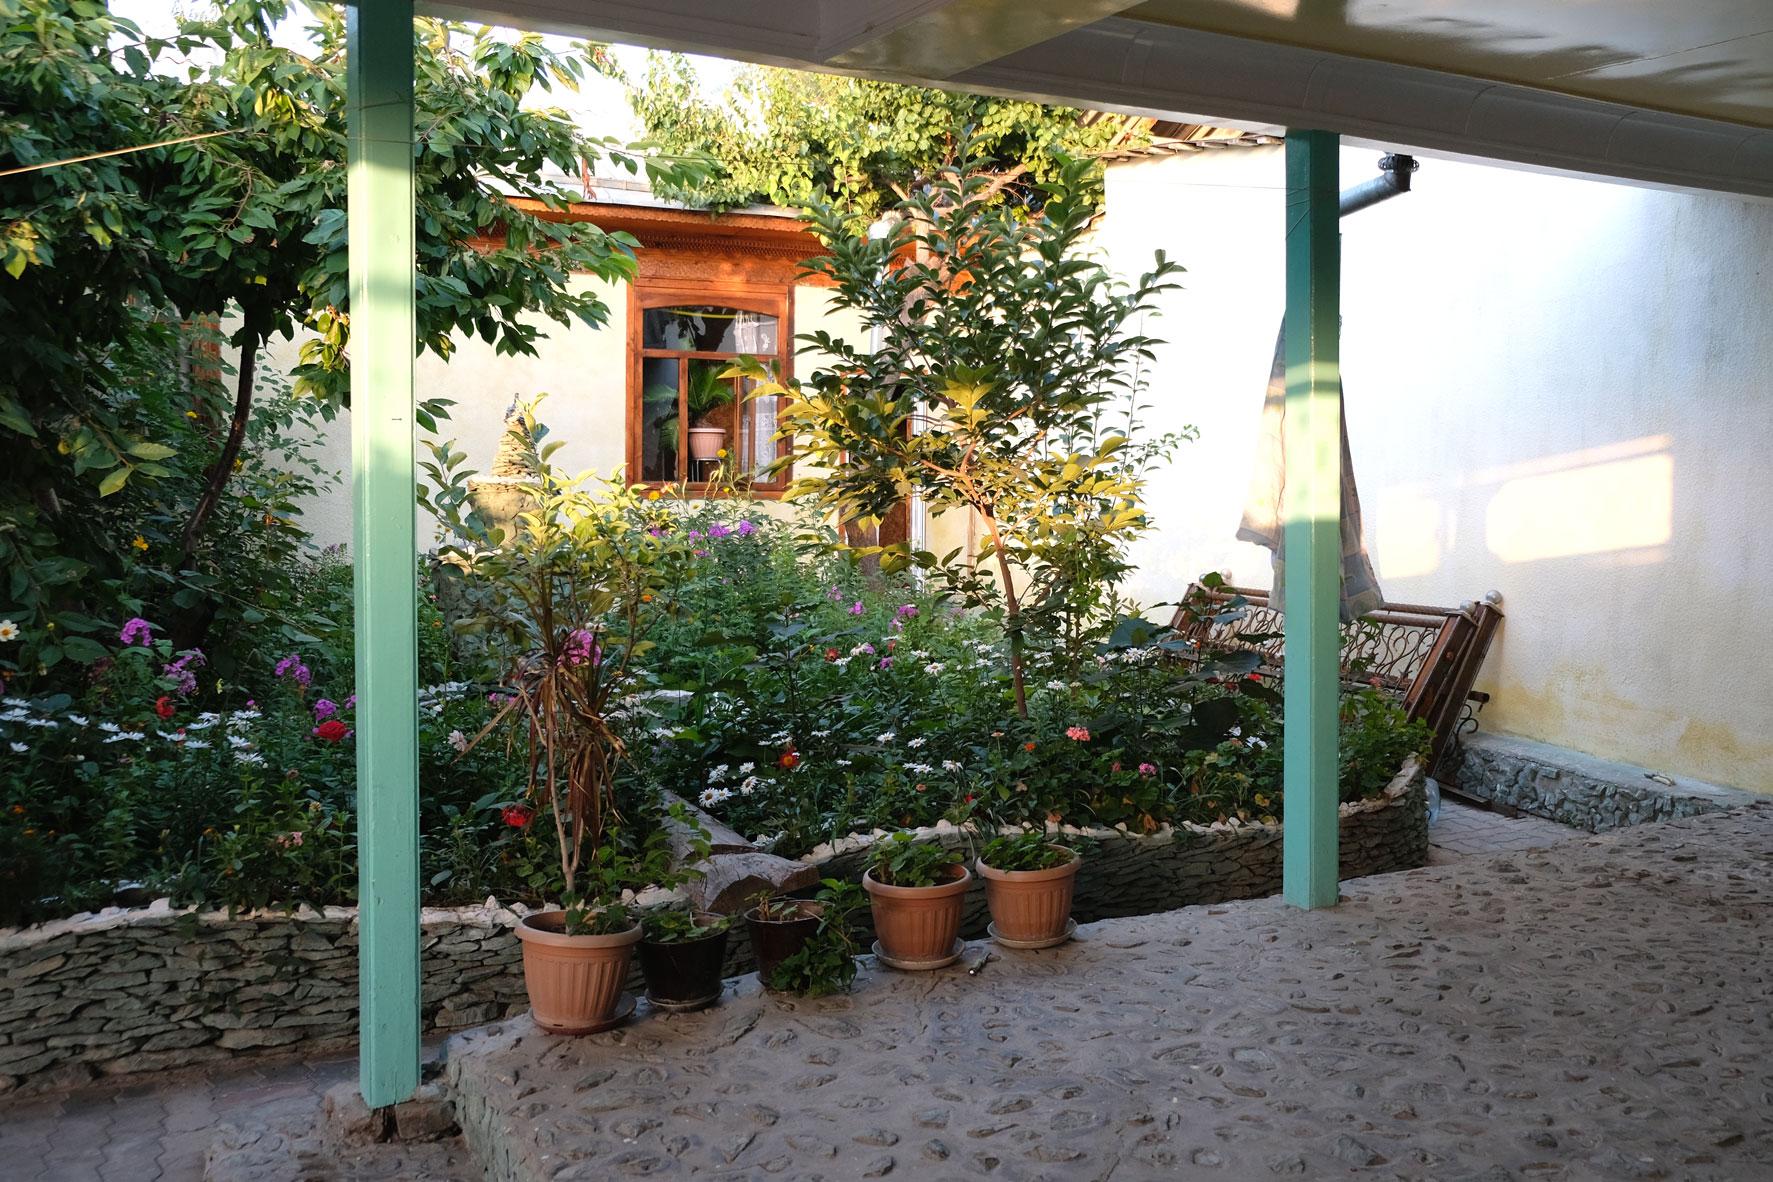 In unserem schönen kleinen Hostelgarten entspannen...